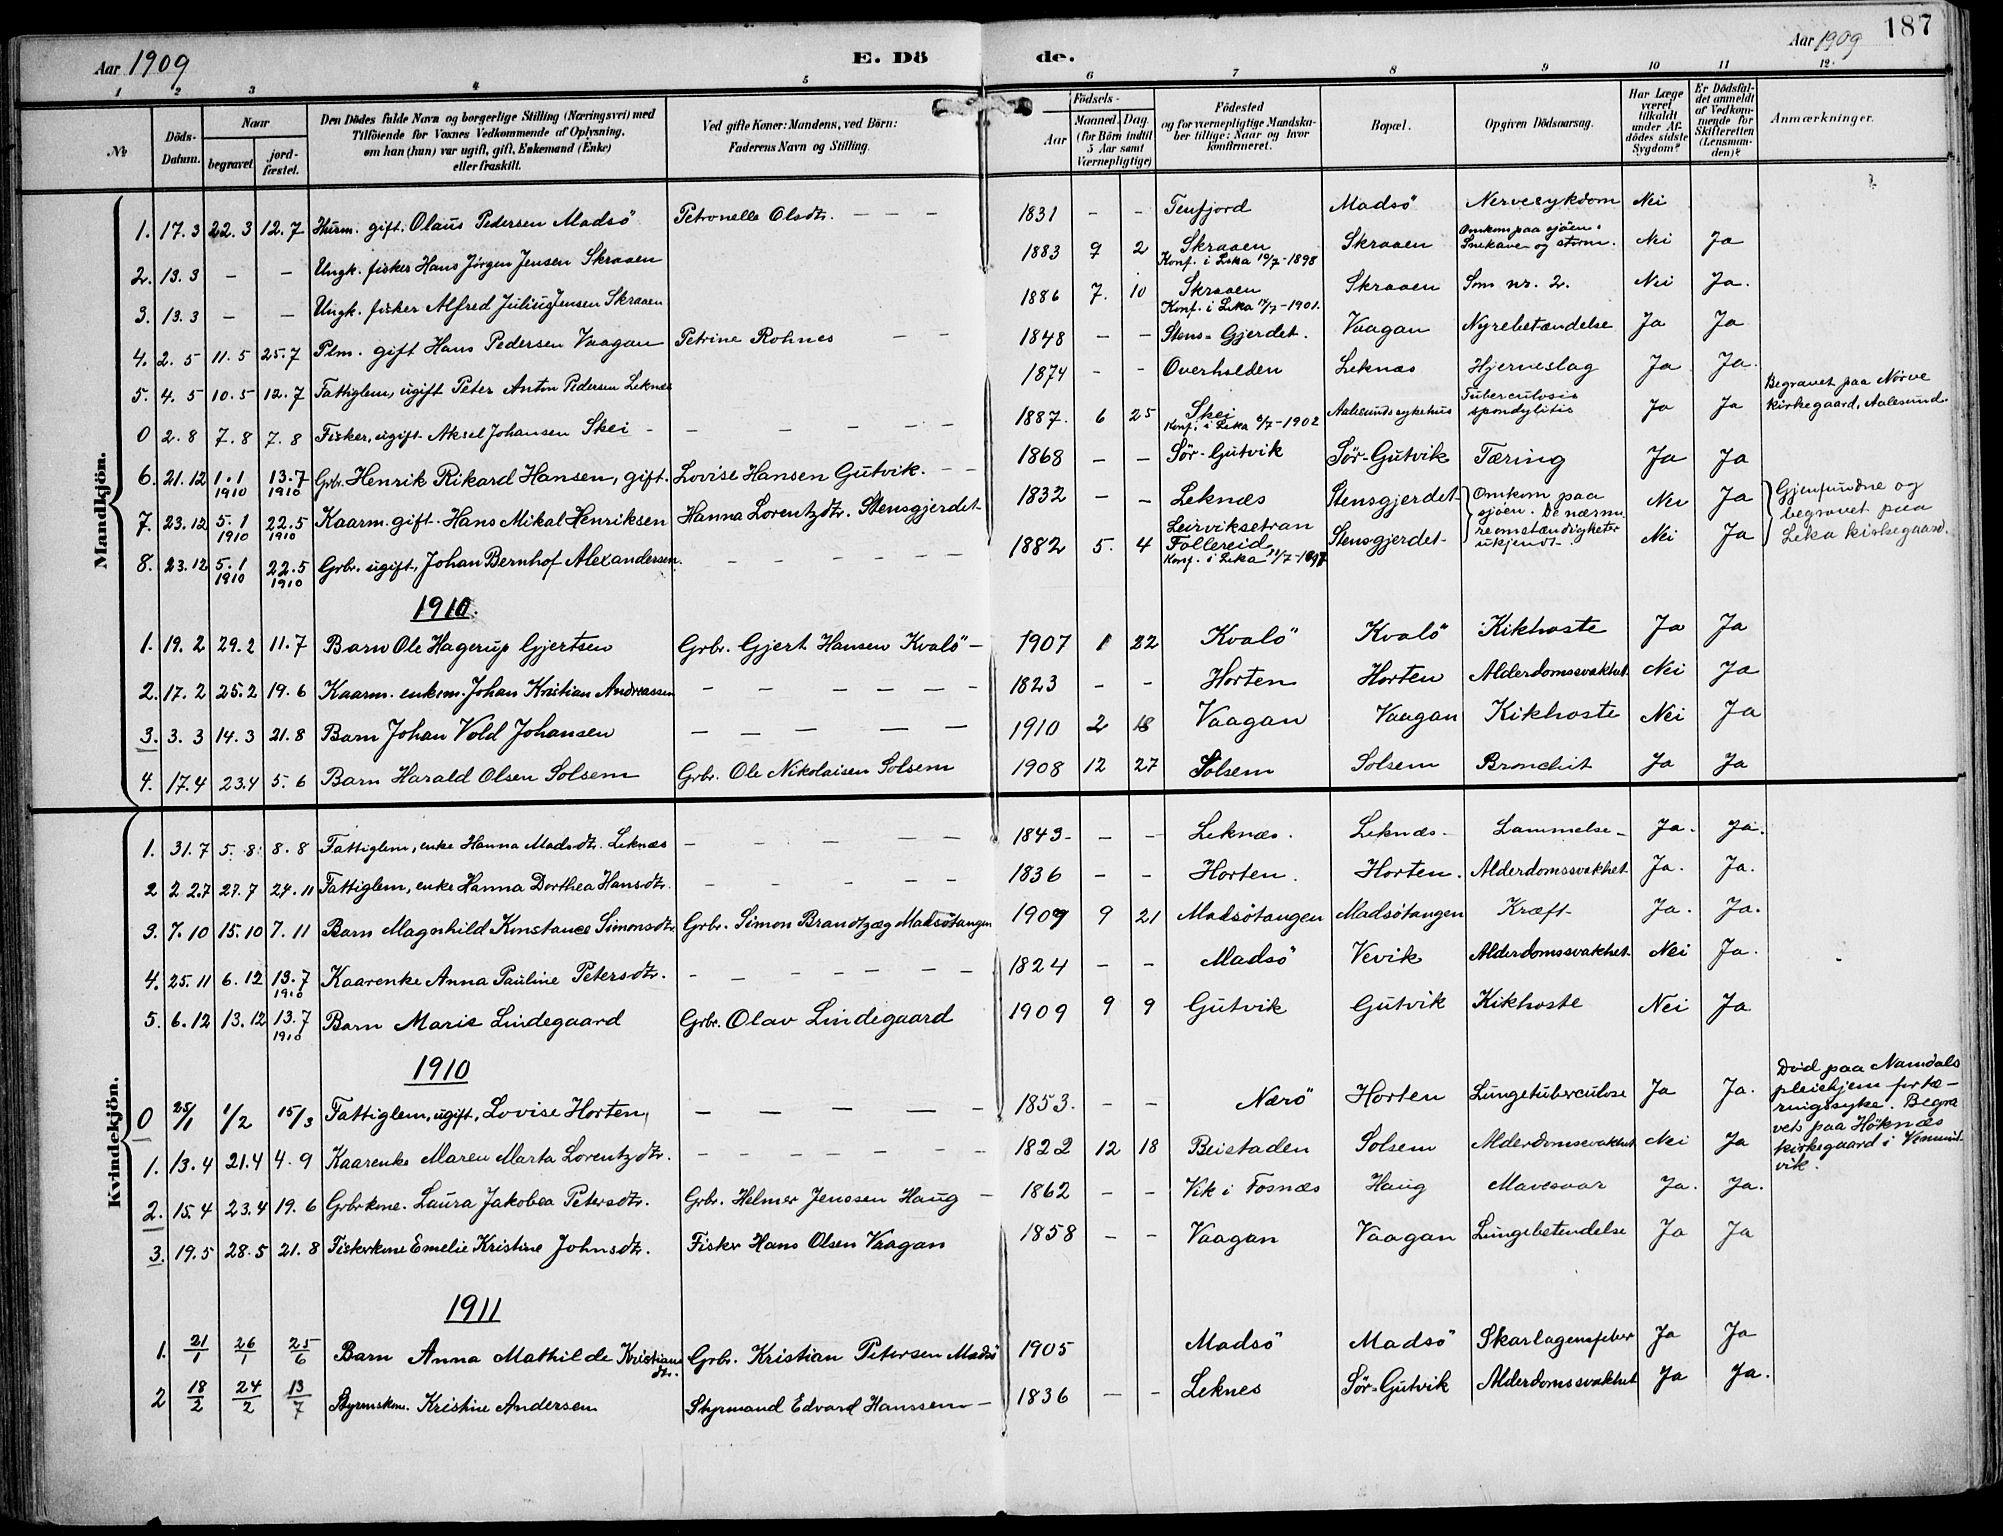 SAT, Ministerialprotokoller, klokkerbøker og fødselsregistre - Nord-Trøndelag, 788/L0698: Ministerialbok nr. 788A05, 1902-1921, s. 187